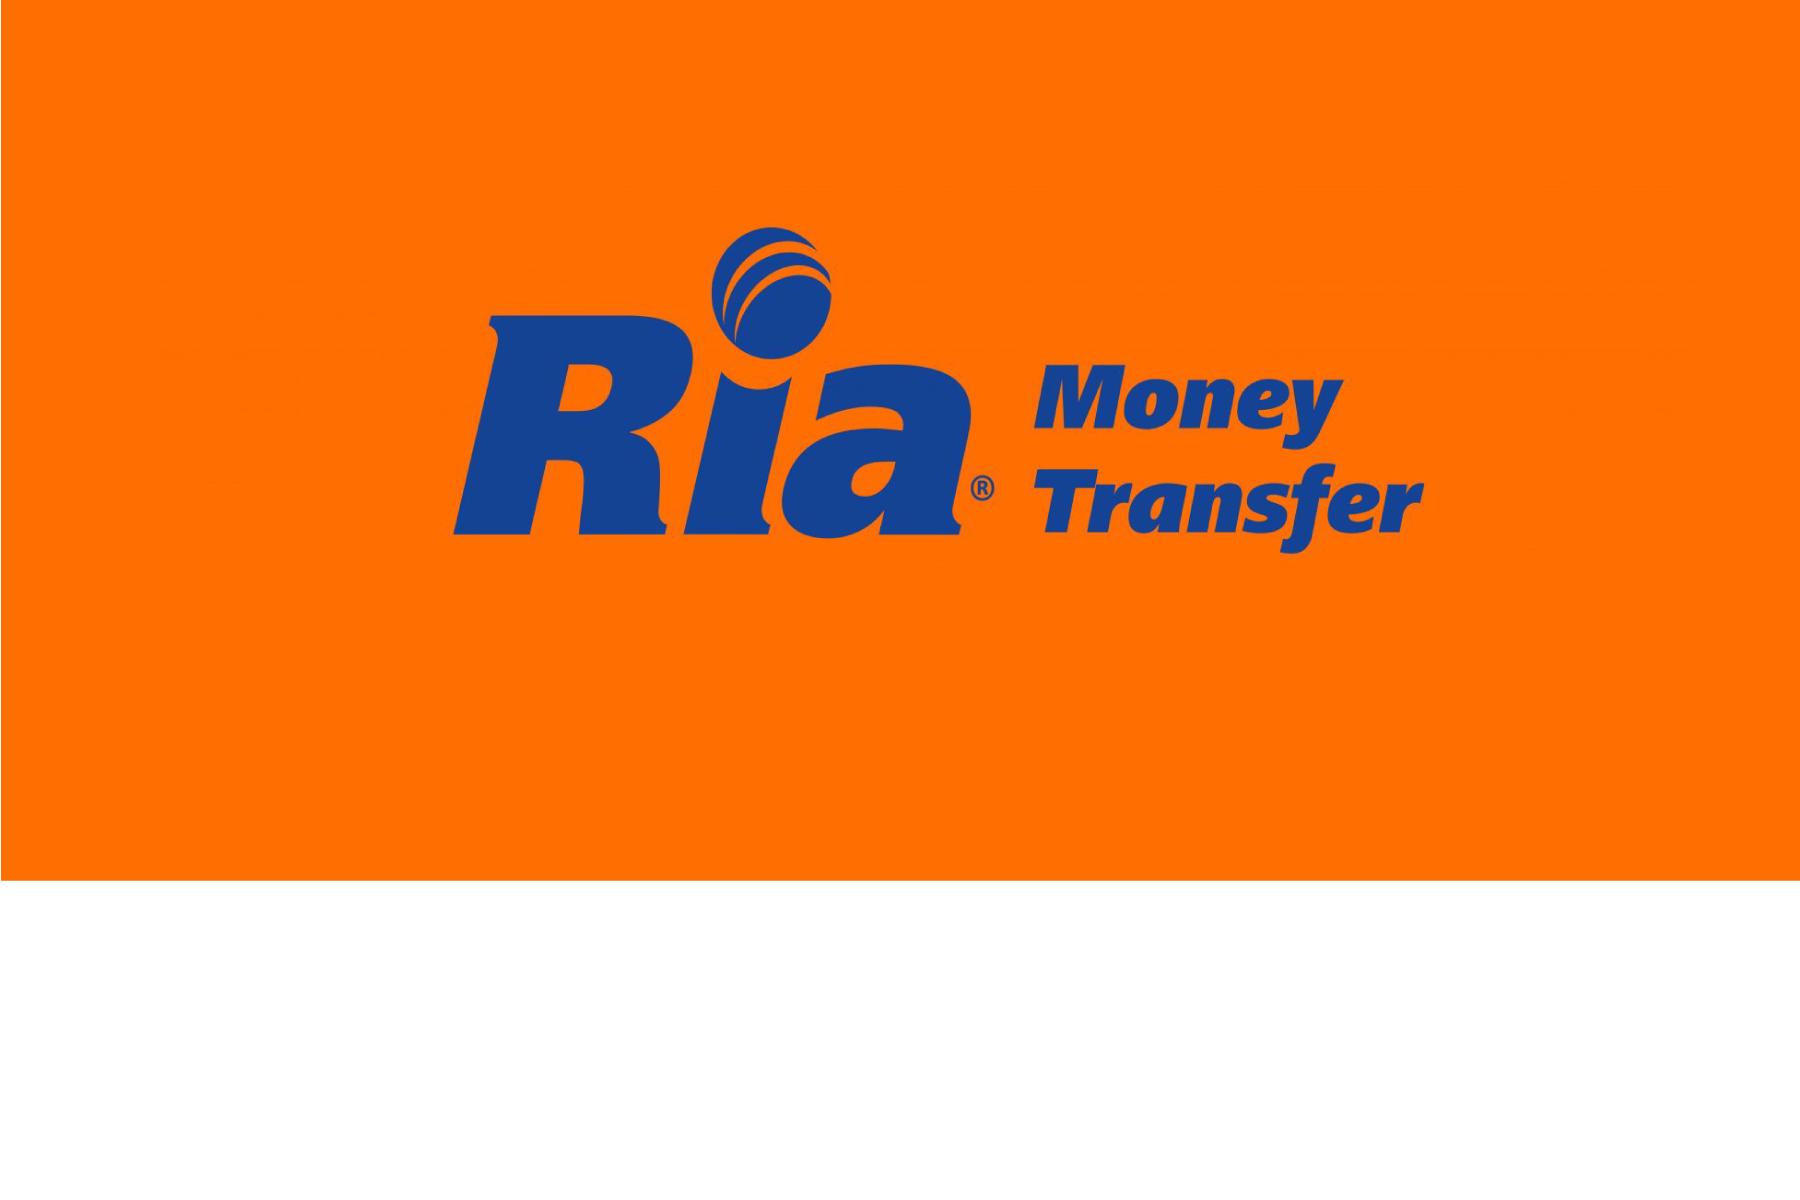 Money Transfer Send Online Fbnbank Ghana Ltd